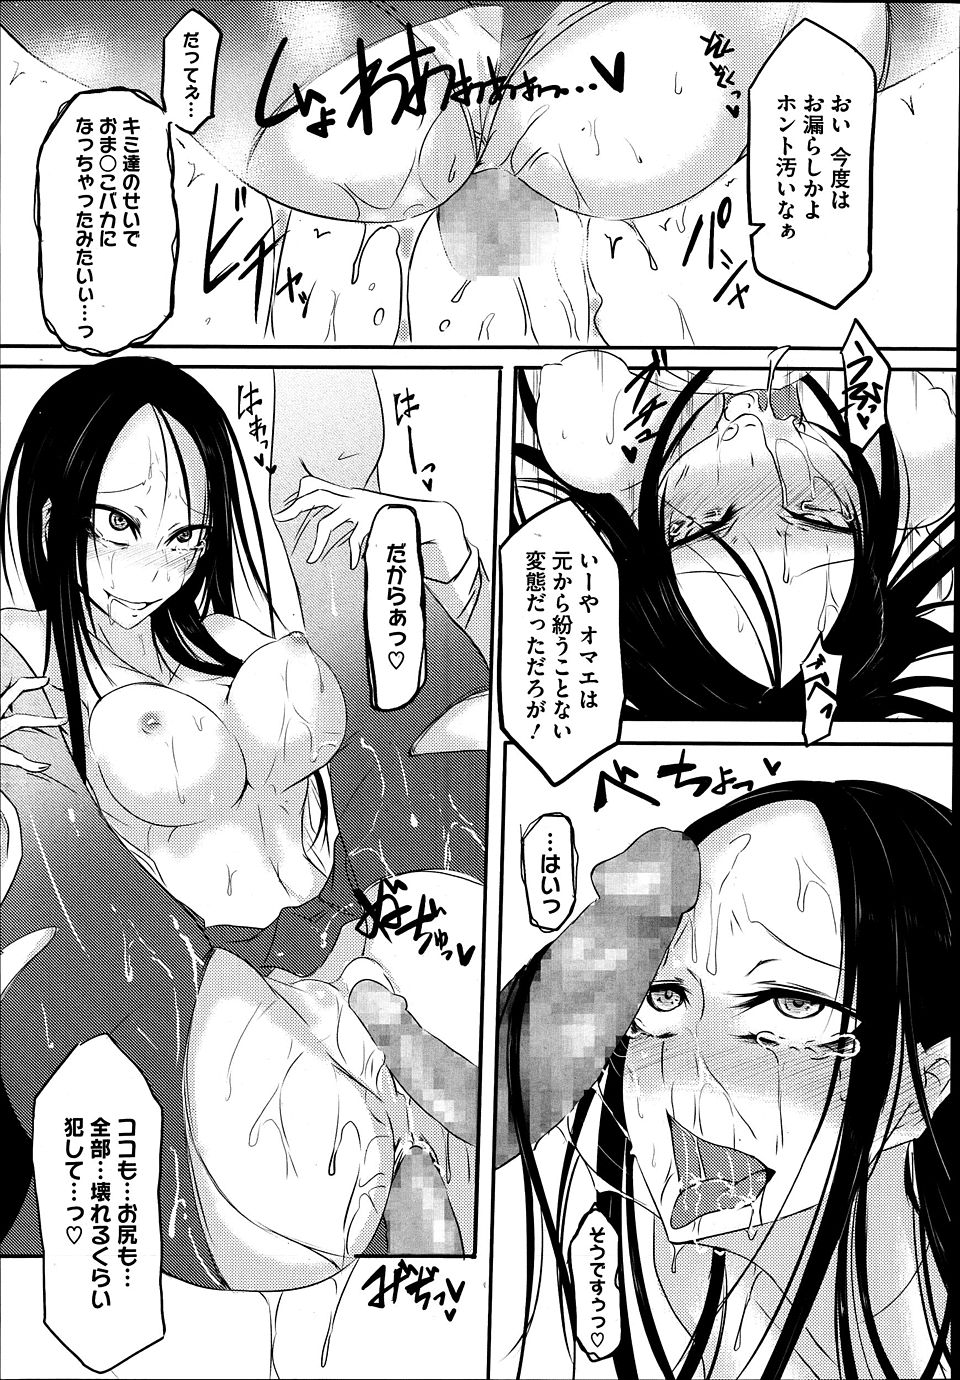 【エロ漫画・エロ同人】巨乳の科学部員に拘束されて痴女られてるンゴwww (19)